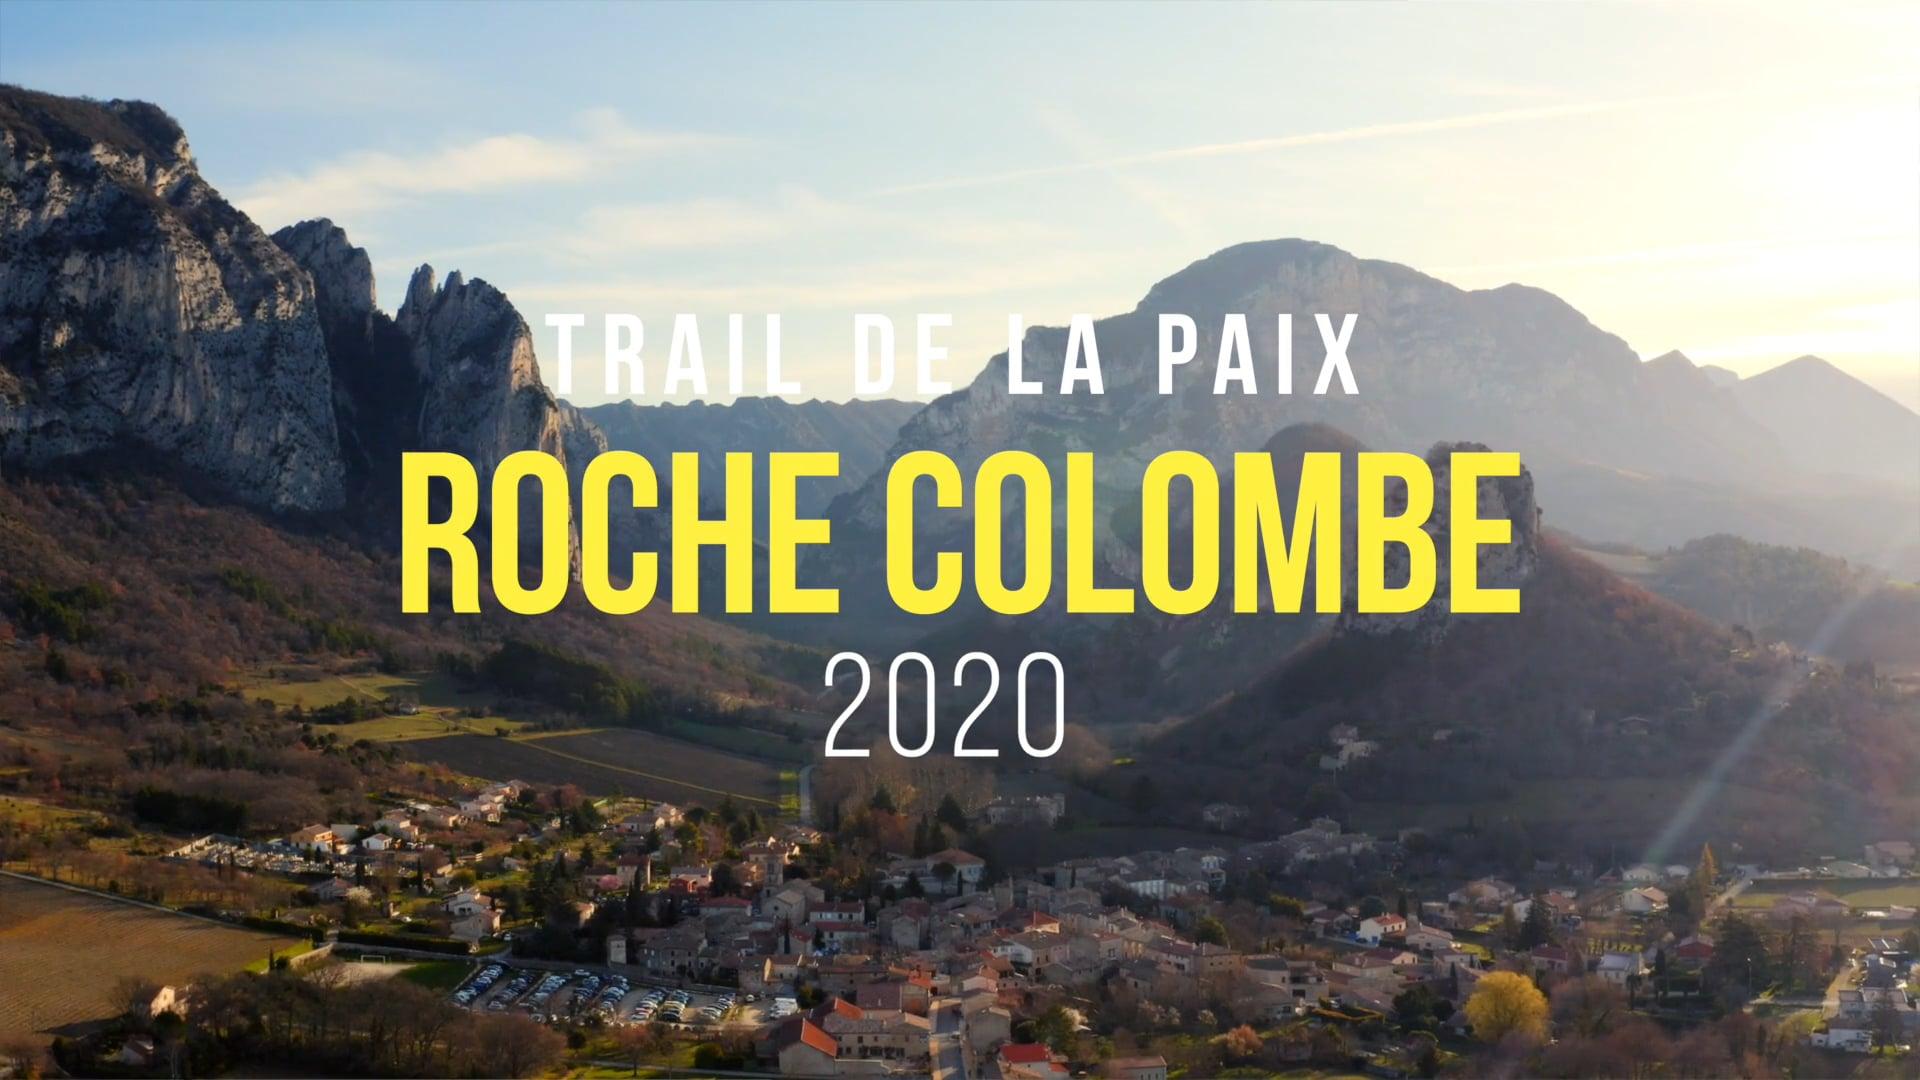 Trail de la paix Roche Colombe 2020